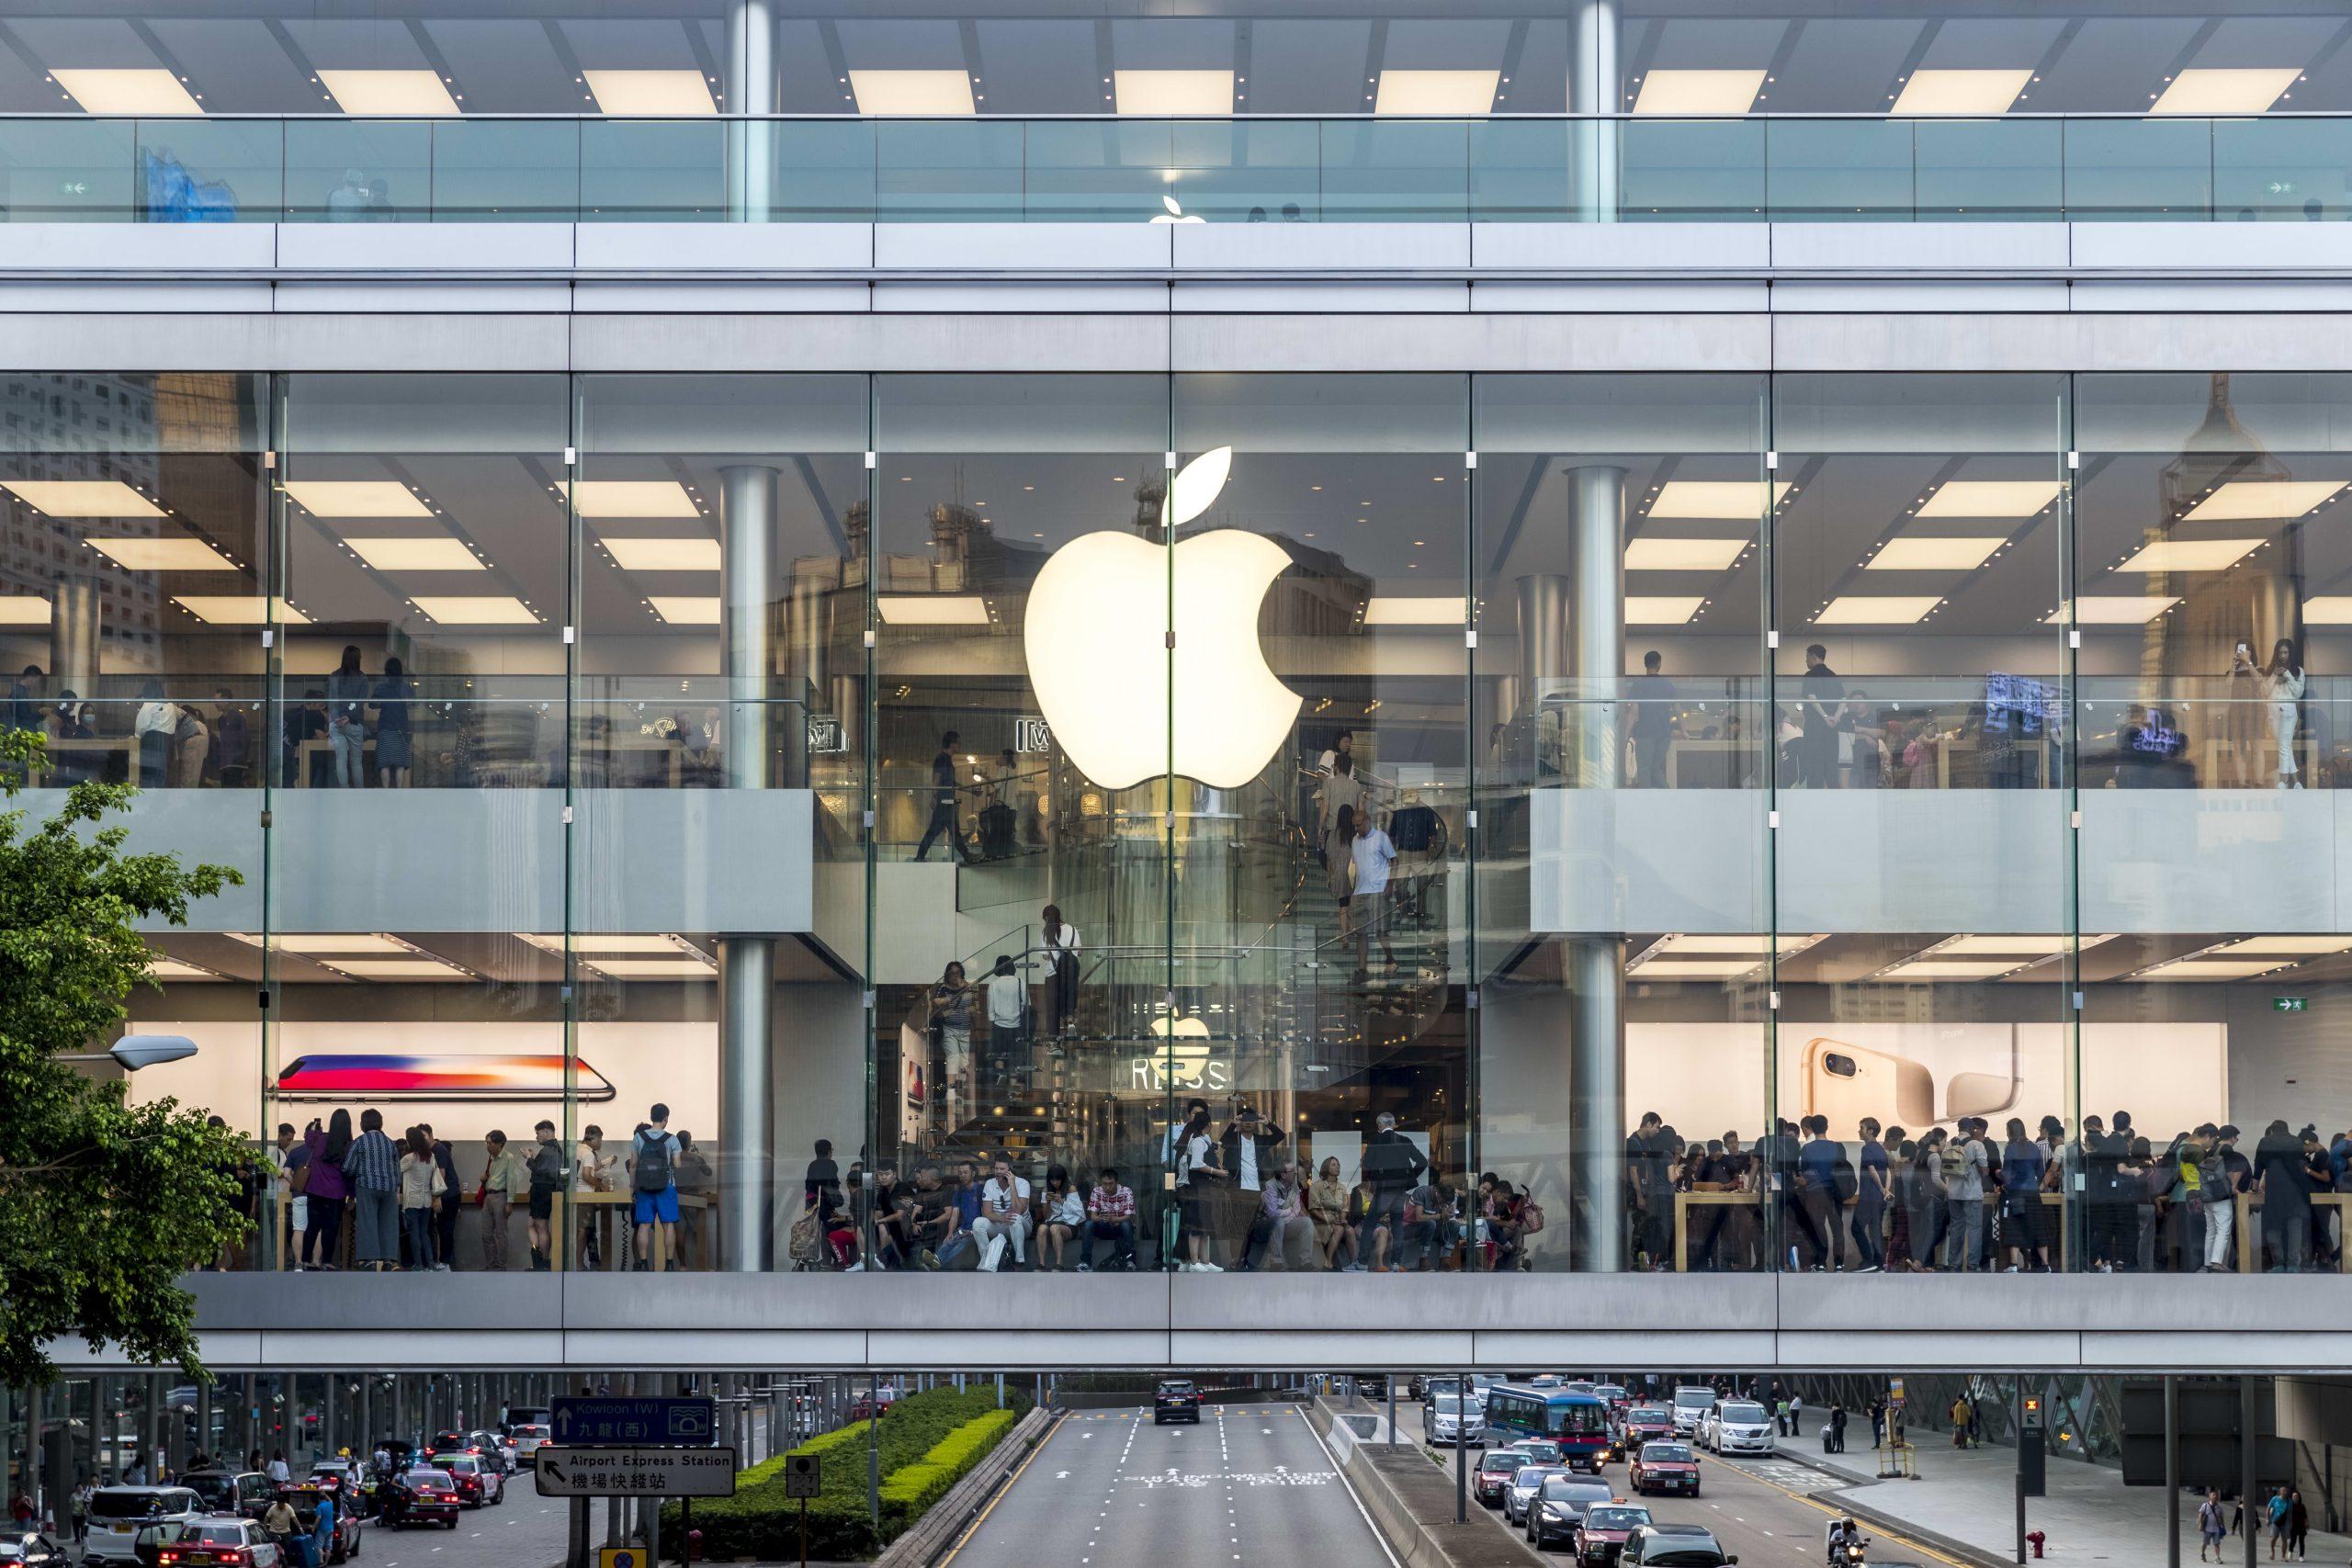 آبل تدفع 18 مليون دولار لتسوية قضية تعطيلها فيس تايم على iOS 6